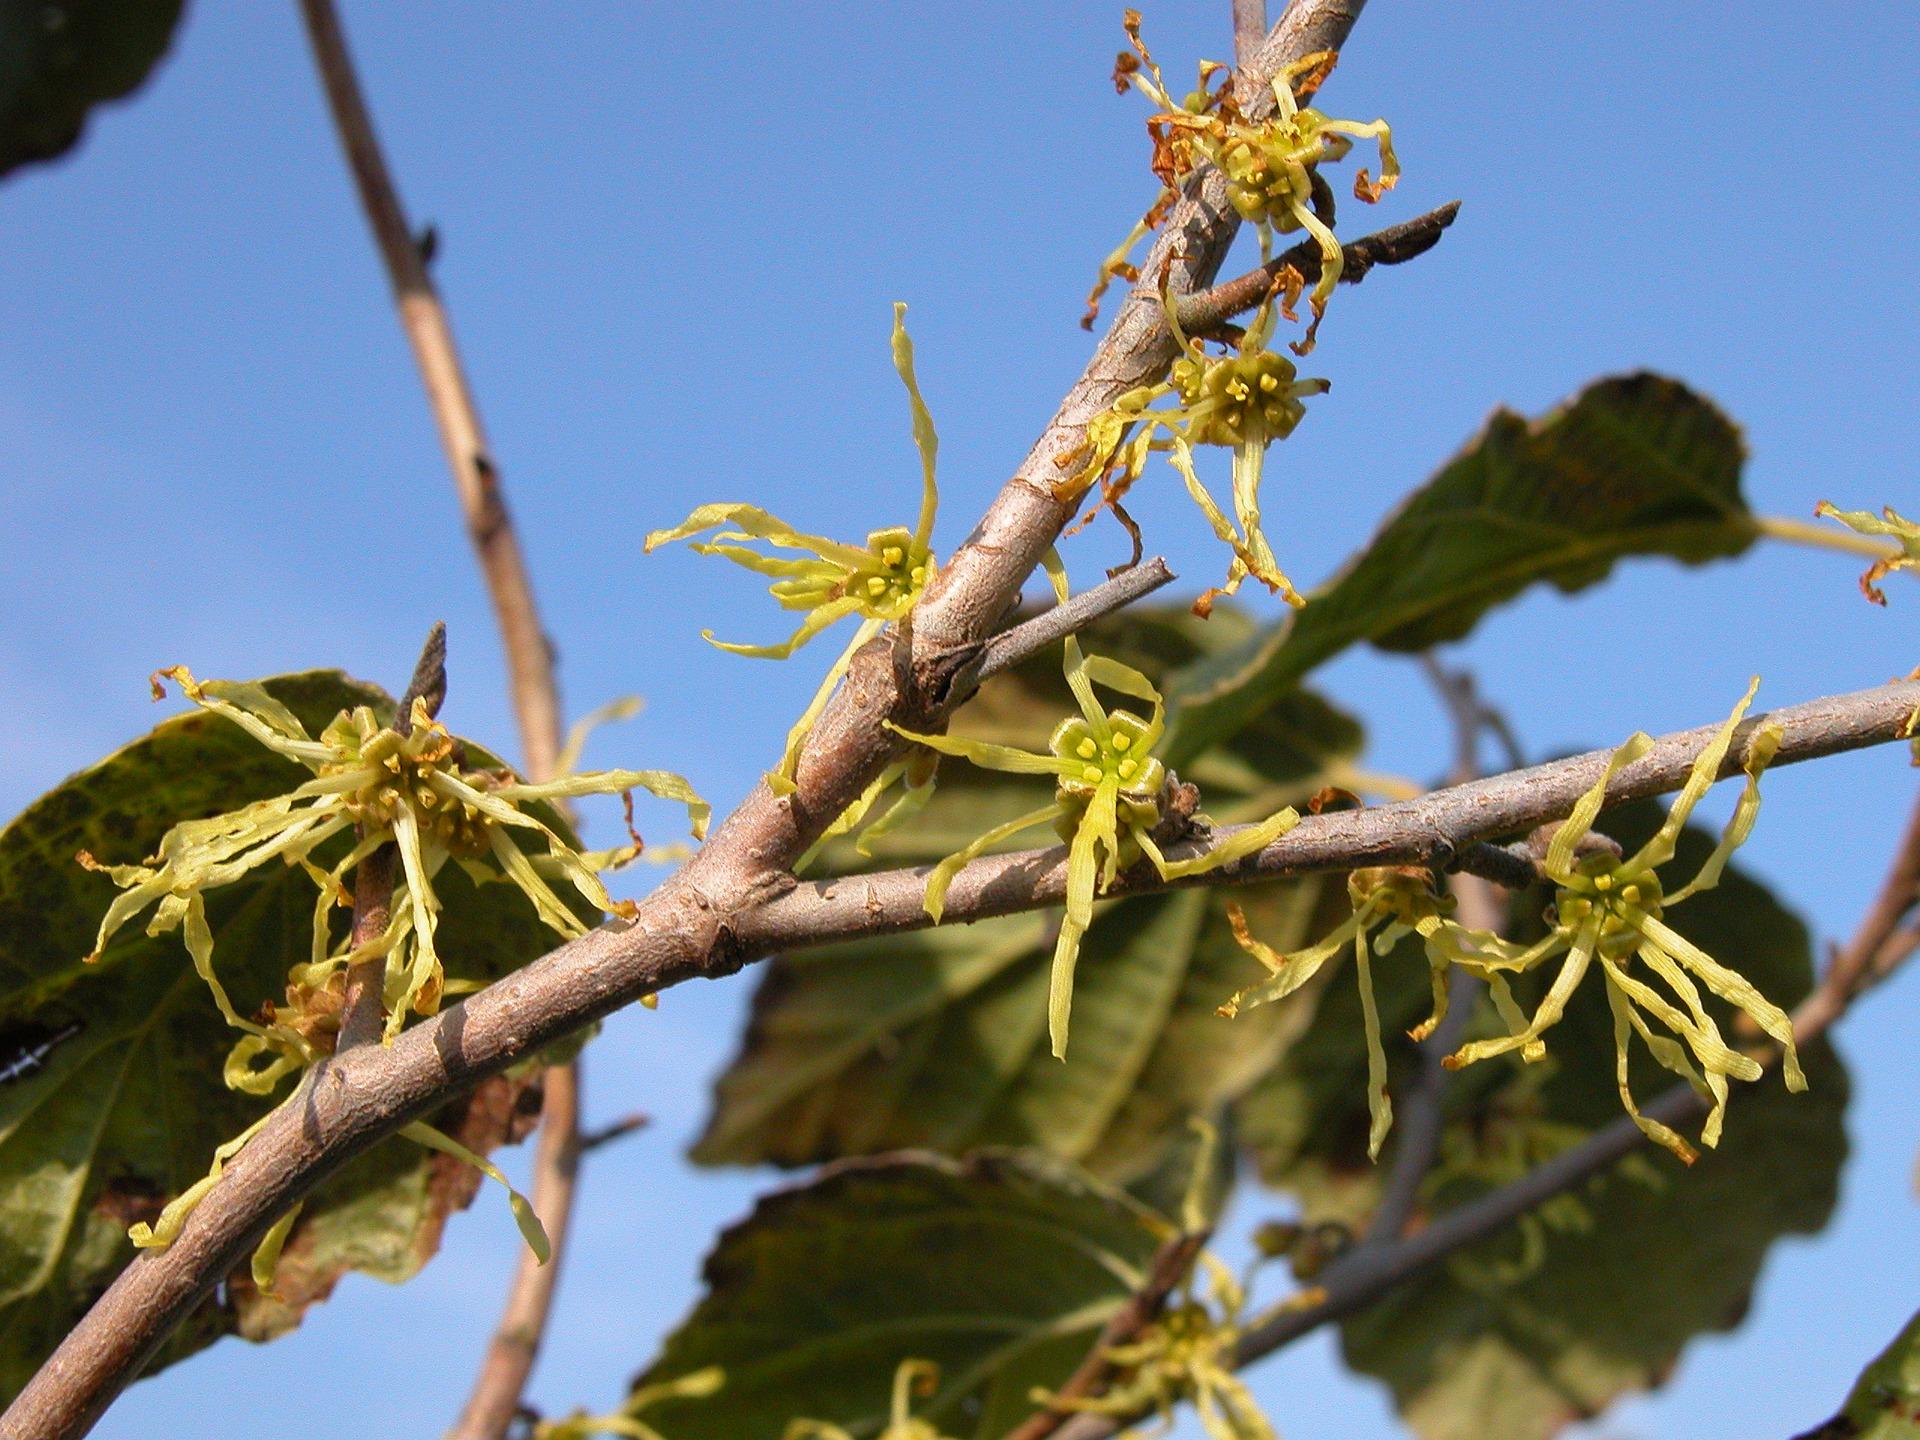 arbre avec feuilles d'hamamélis